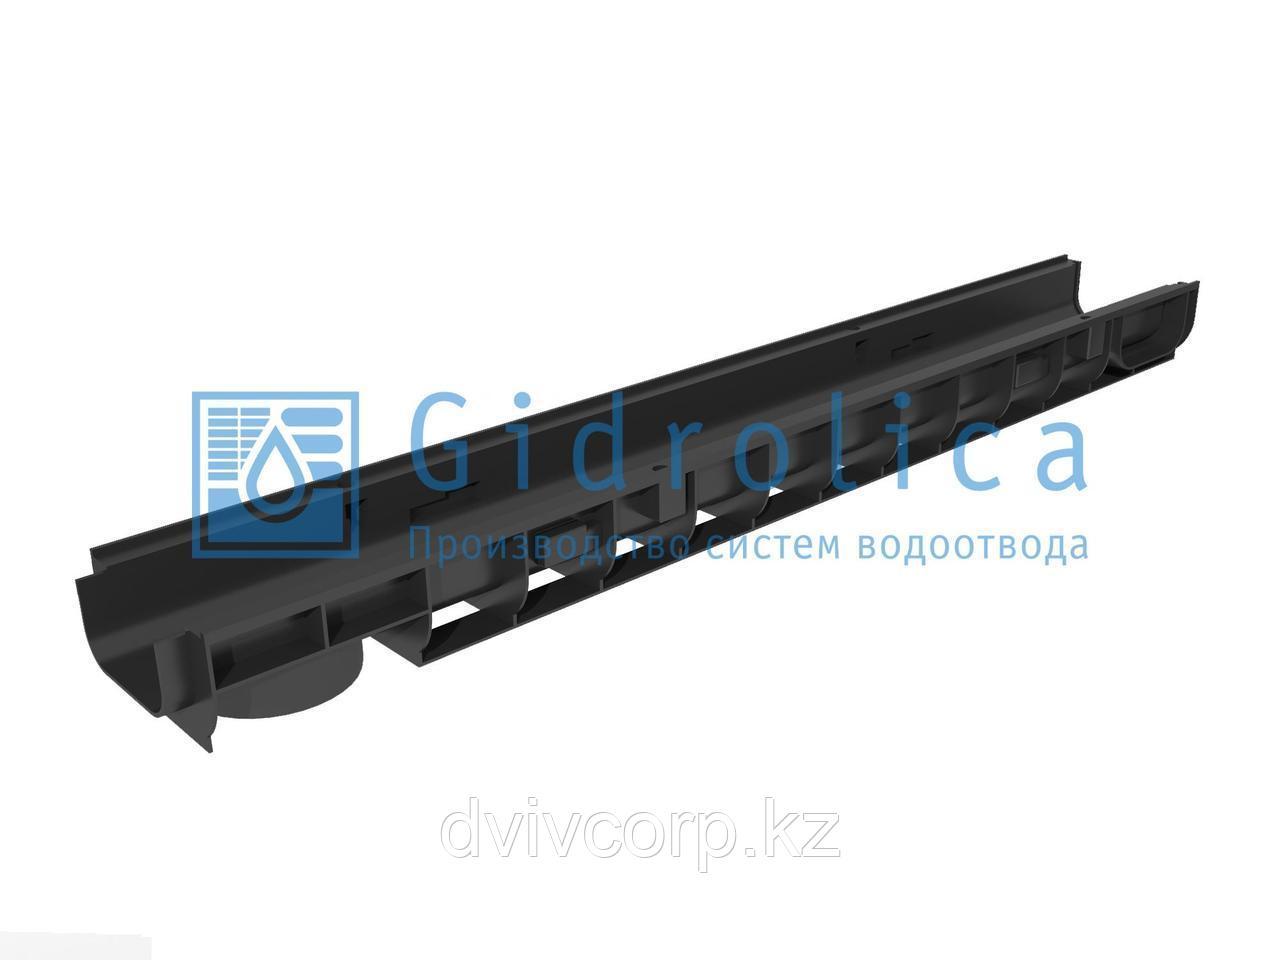 Арт. 803 Лоток водоотводный Gidrolica Standart ЛВ-10.14,5.08 - пластиковый